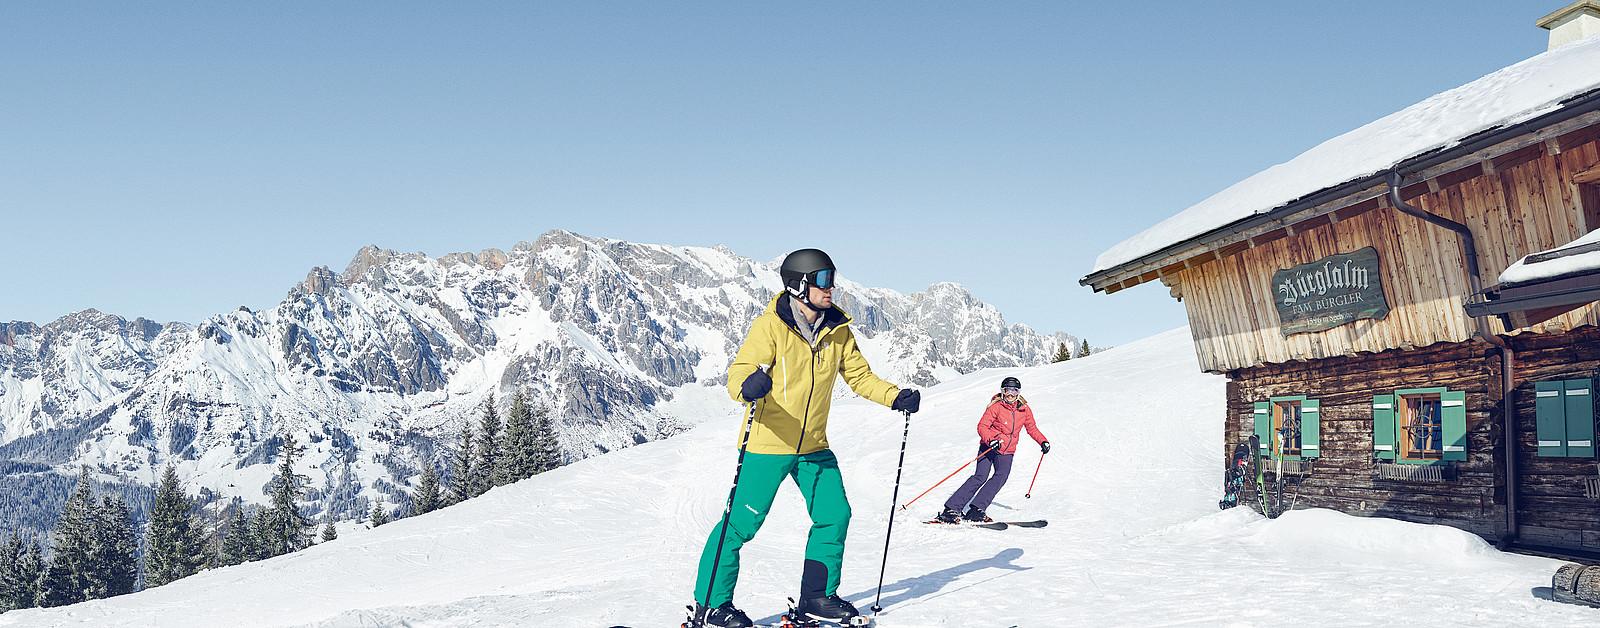 anisnow-kampagnensujet-winter-einkehrschwung-nur-fuer-uk-oesterreich-werbung-peter-podpera-jpg-3651827